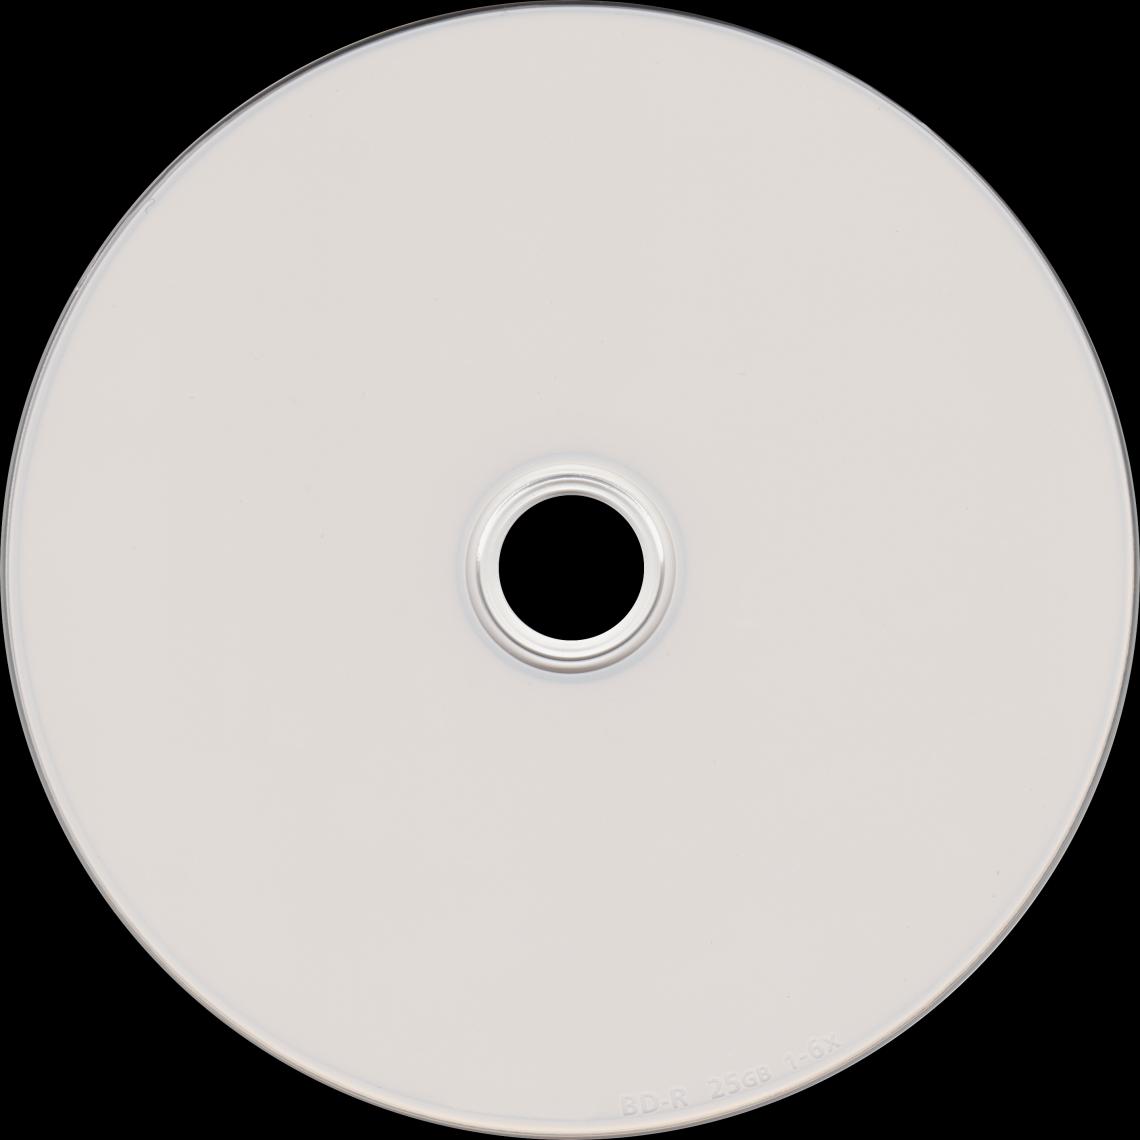 ComputerMisc0015